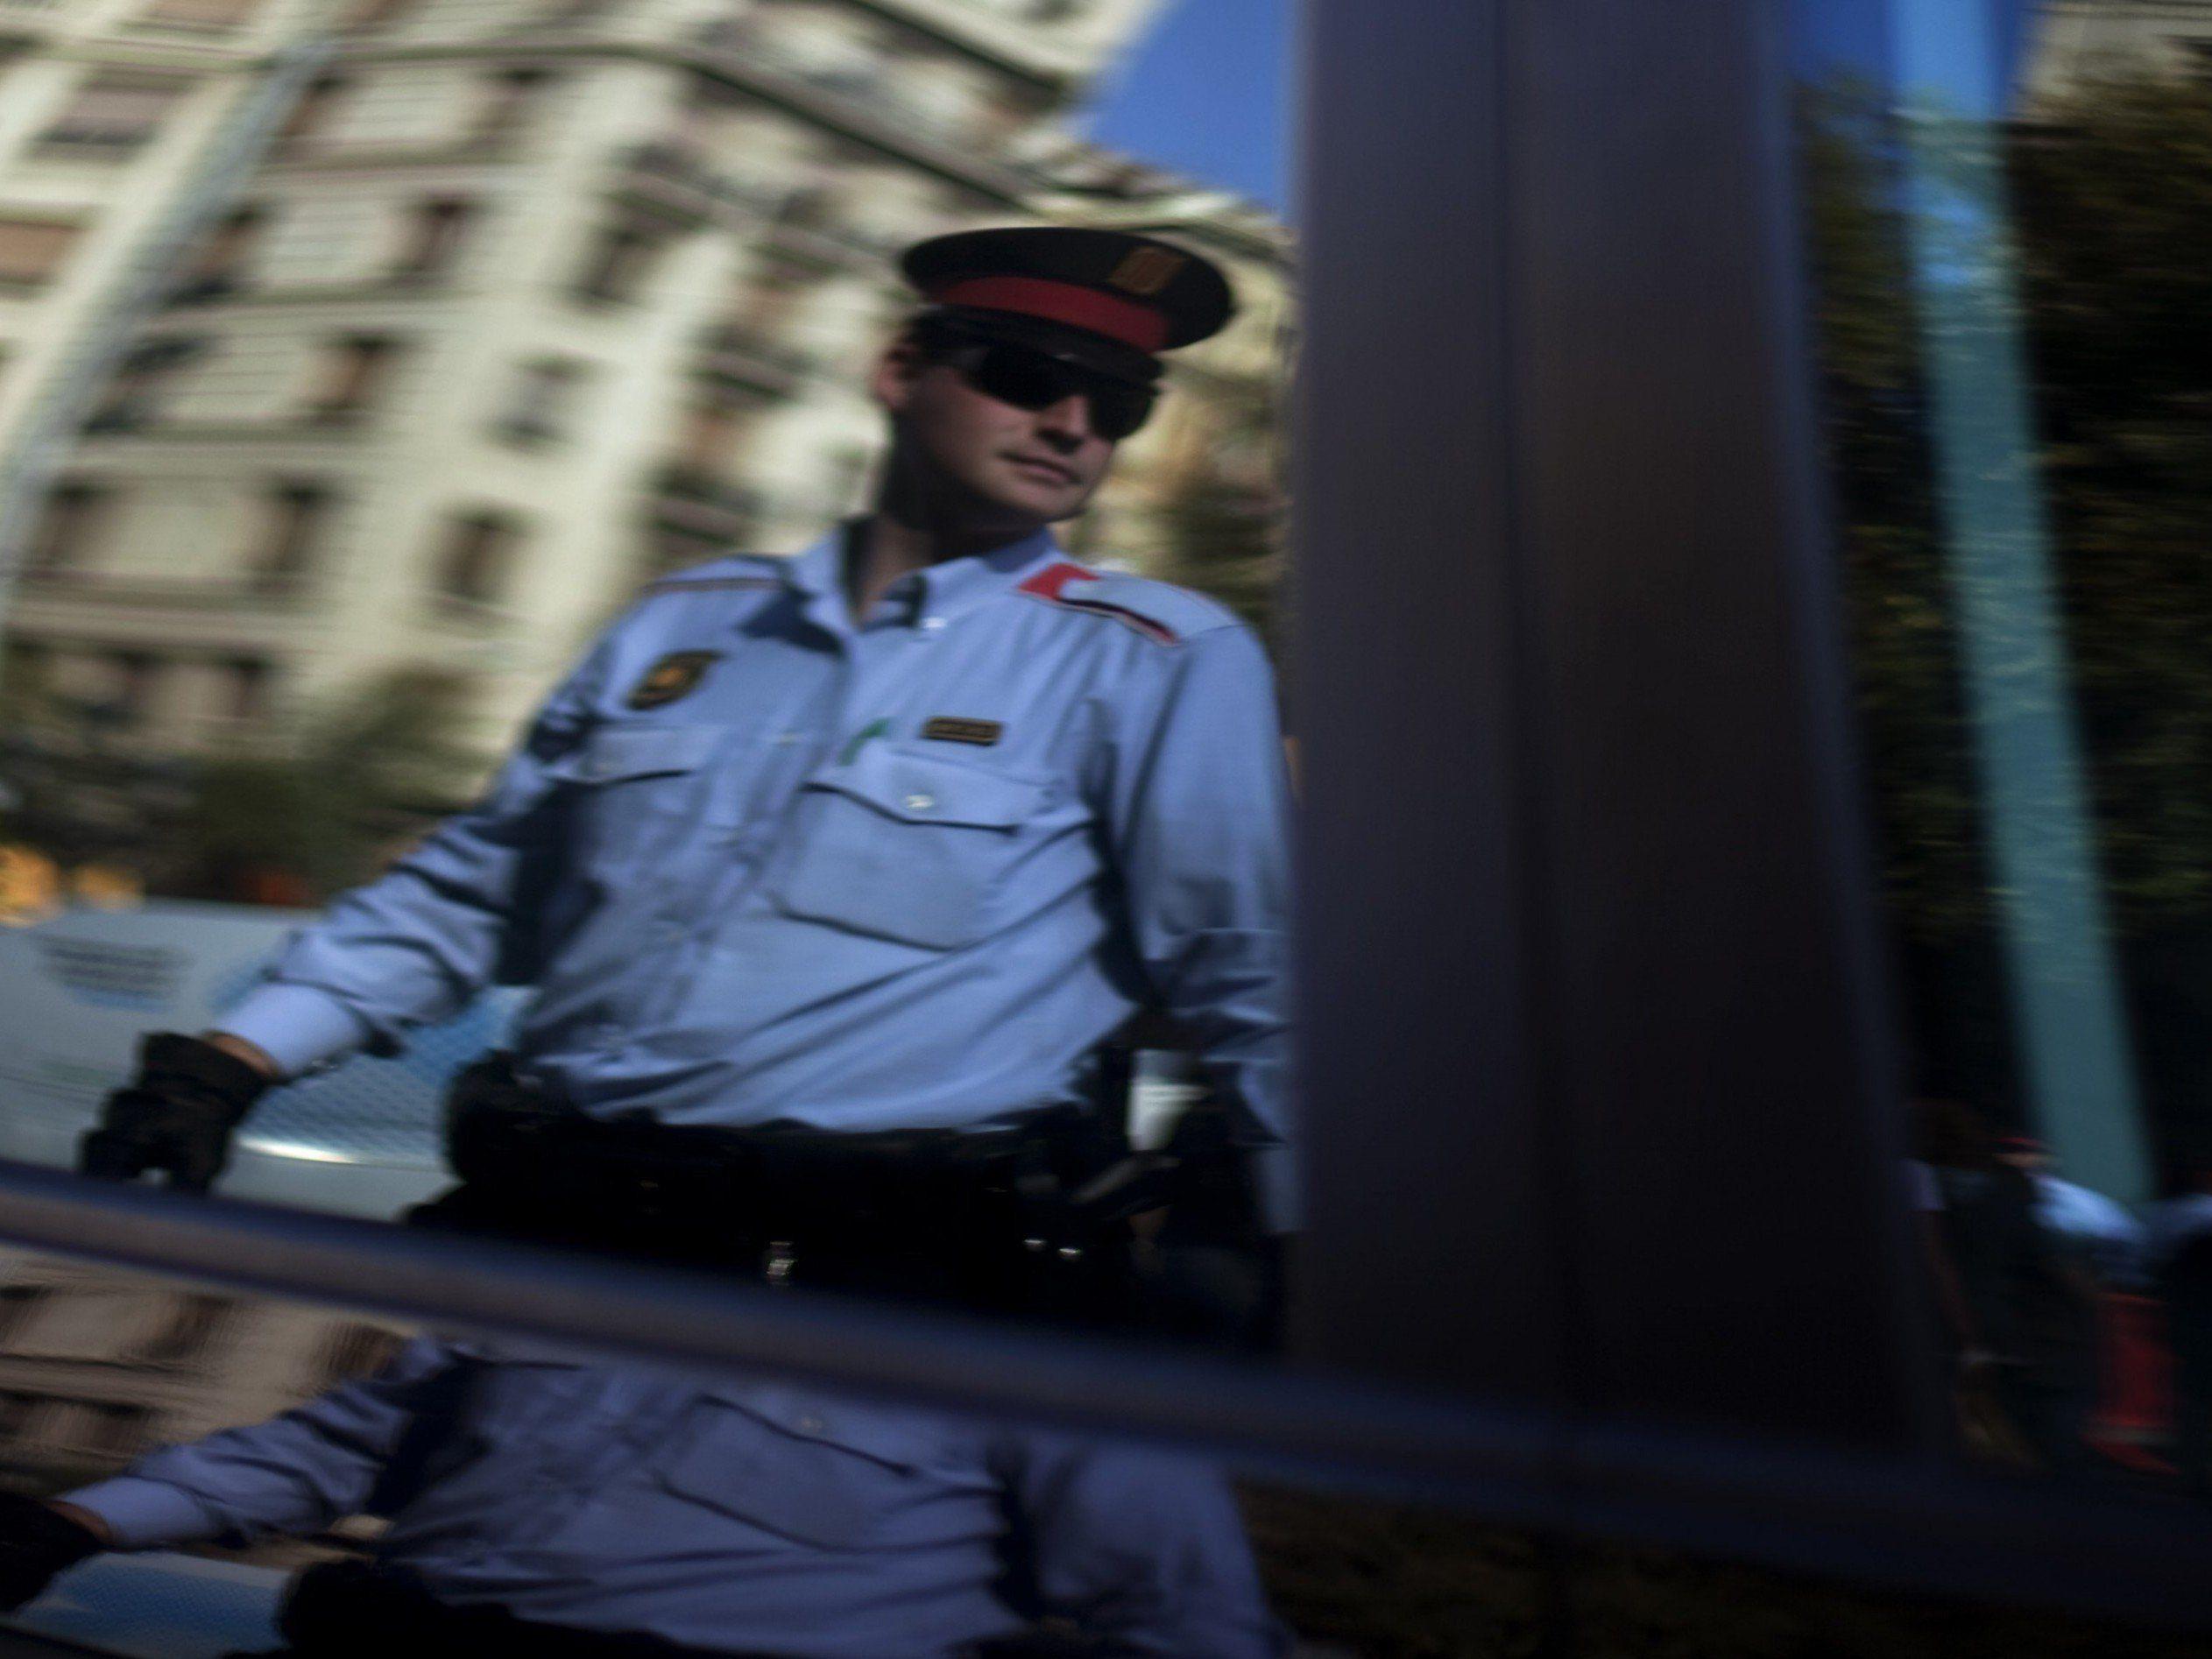 Gruppensex in fahrendem Auto: Schweizer erhielten Strafe wegen nicht angelegter Sicherheitsgurte